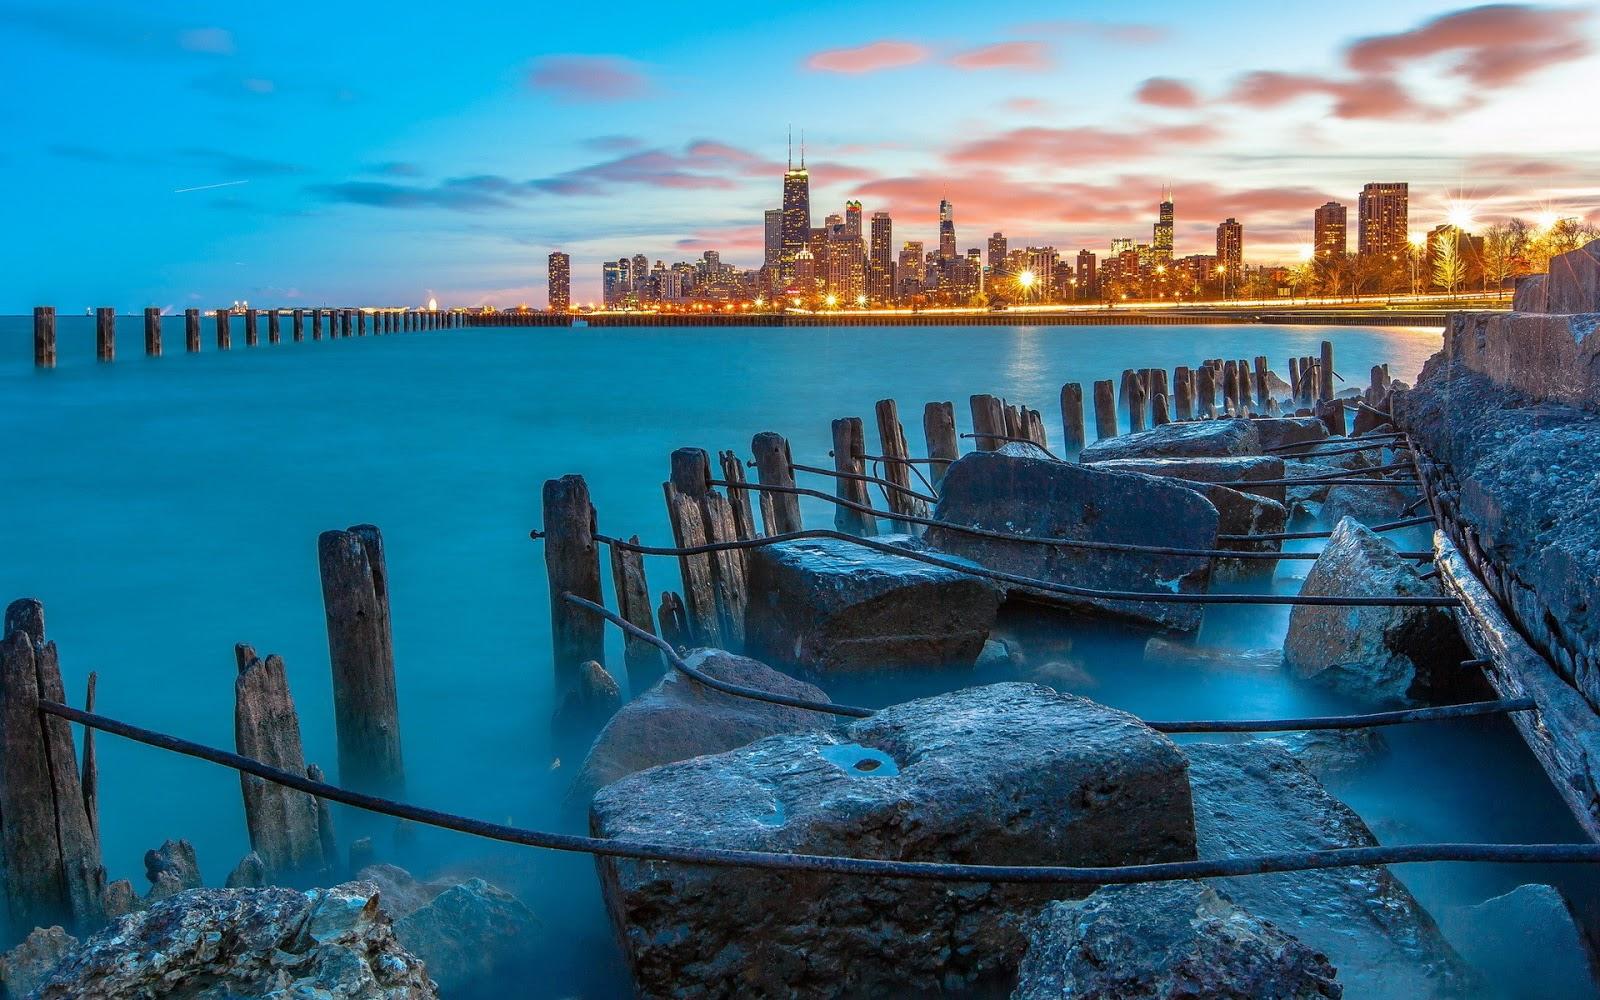 Desktop HD Wallpapers: Beautifull City Wallpapers 1080p